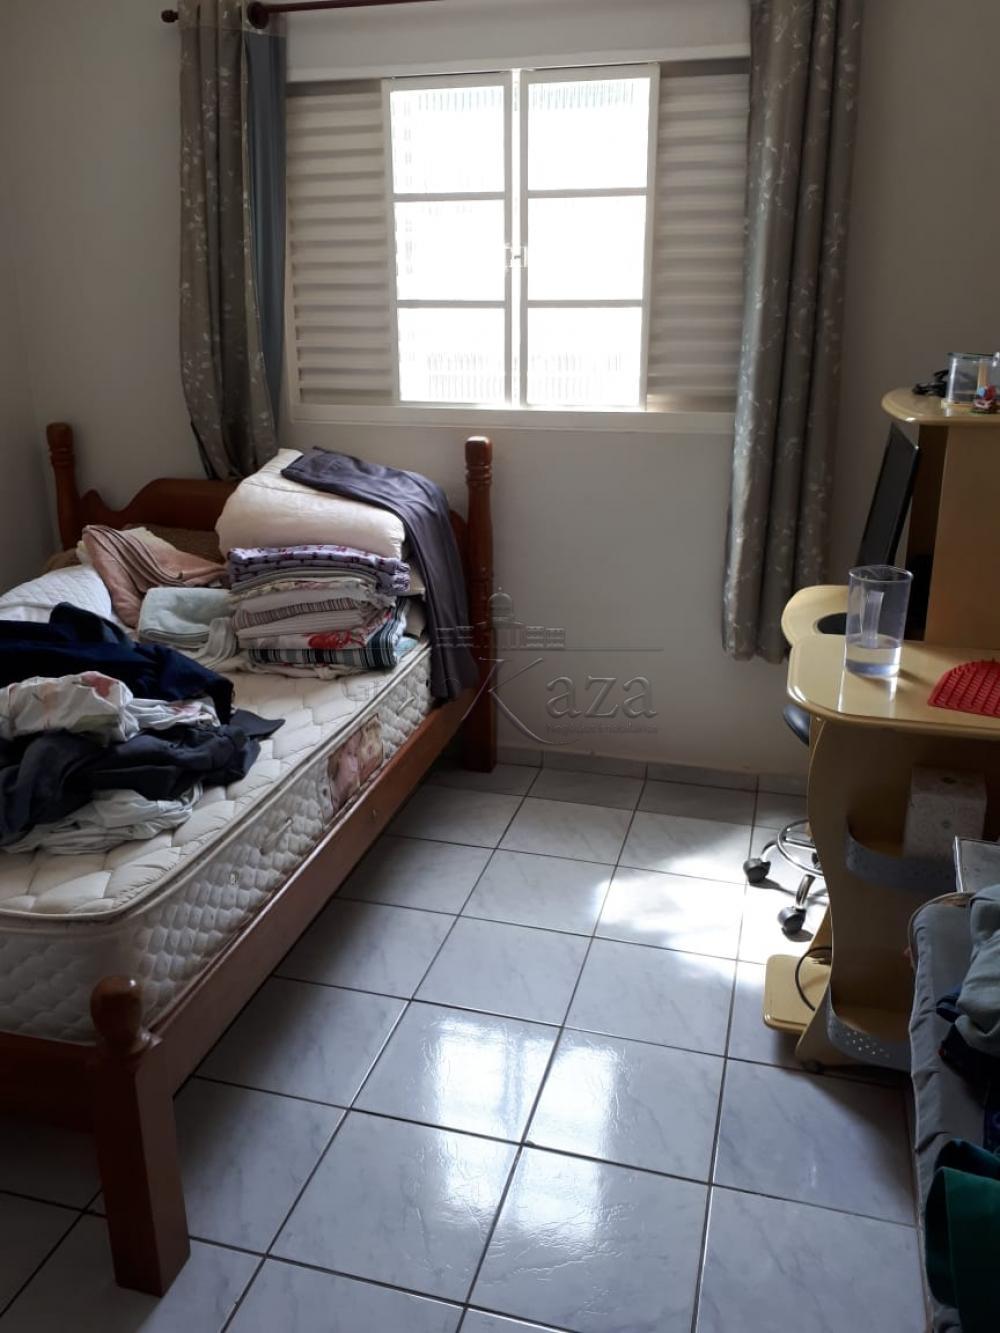 Comprar Casa / Padrão em São José dos Campos apenas R$ 290.000,00 - Foto 9